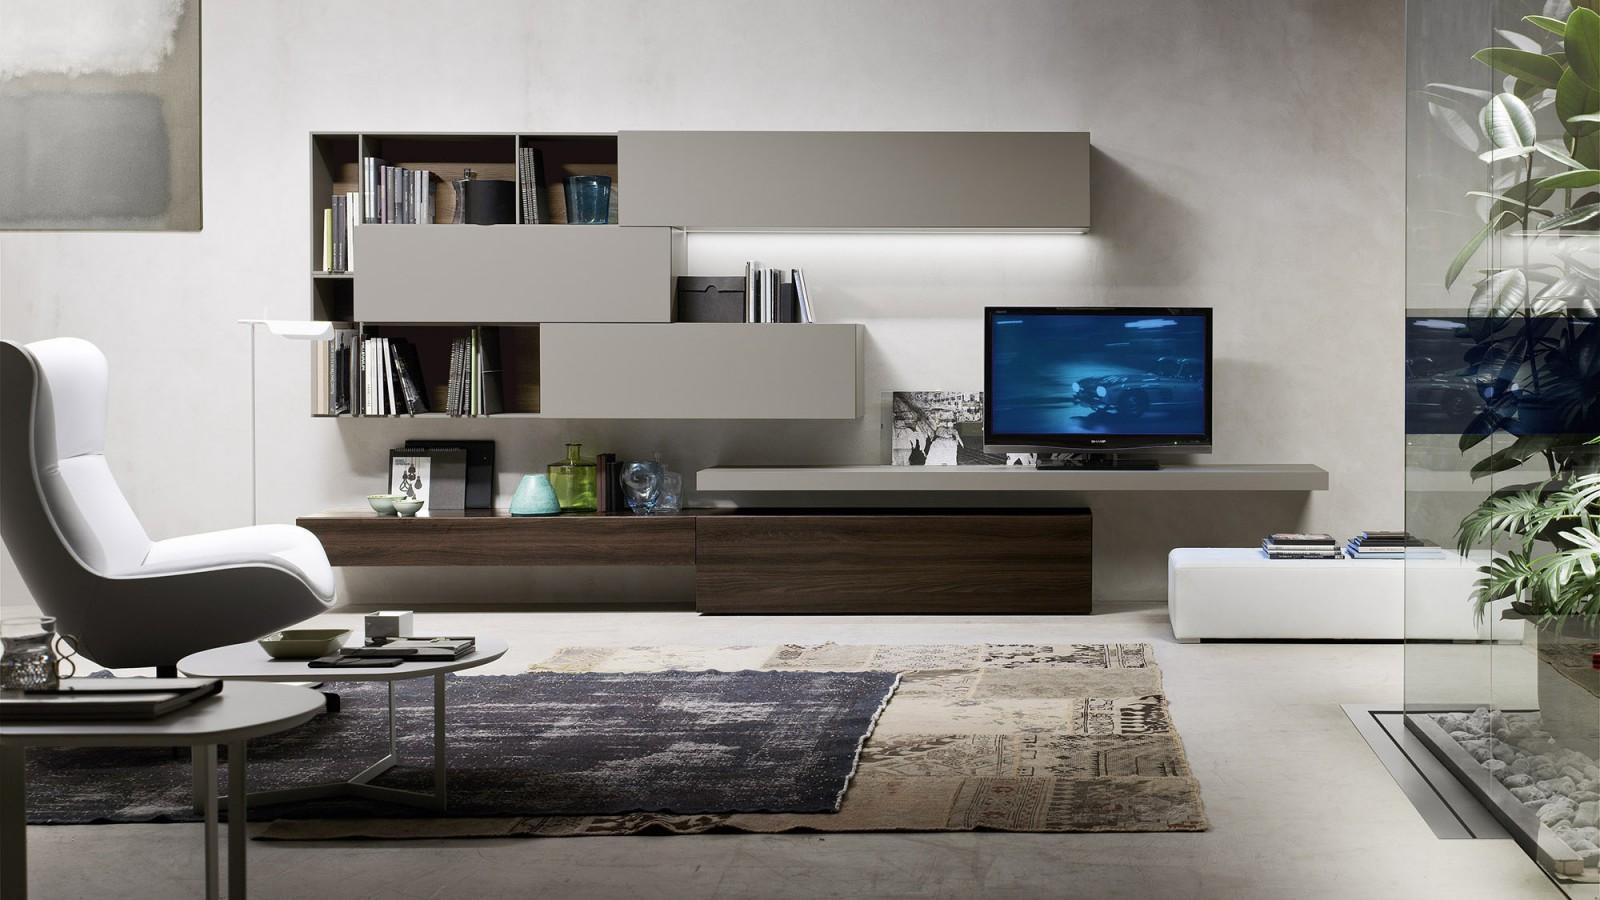 orme-arredamento-soggiorno-comp6-1-modulo-1600x900